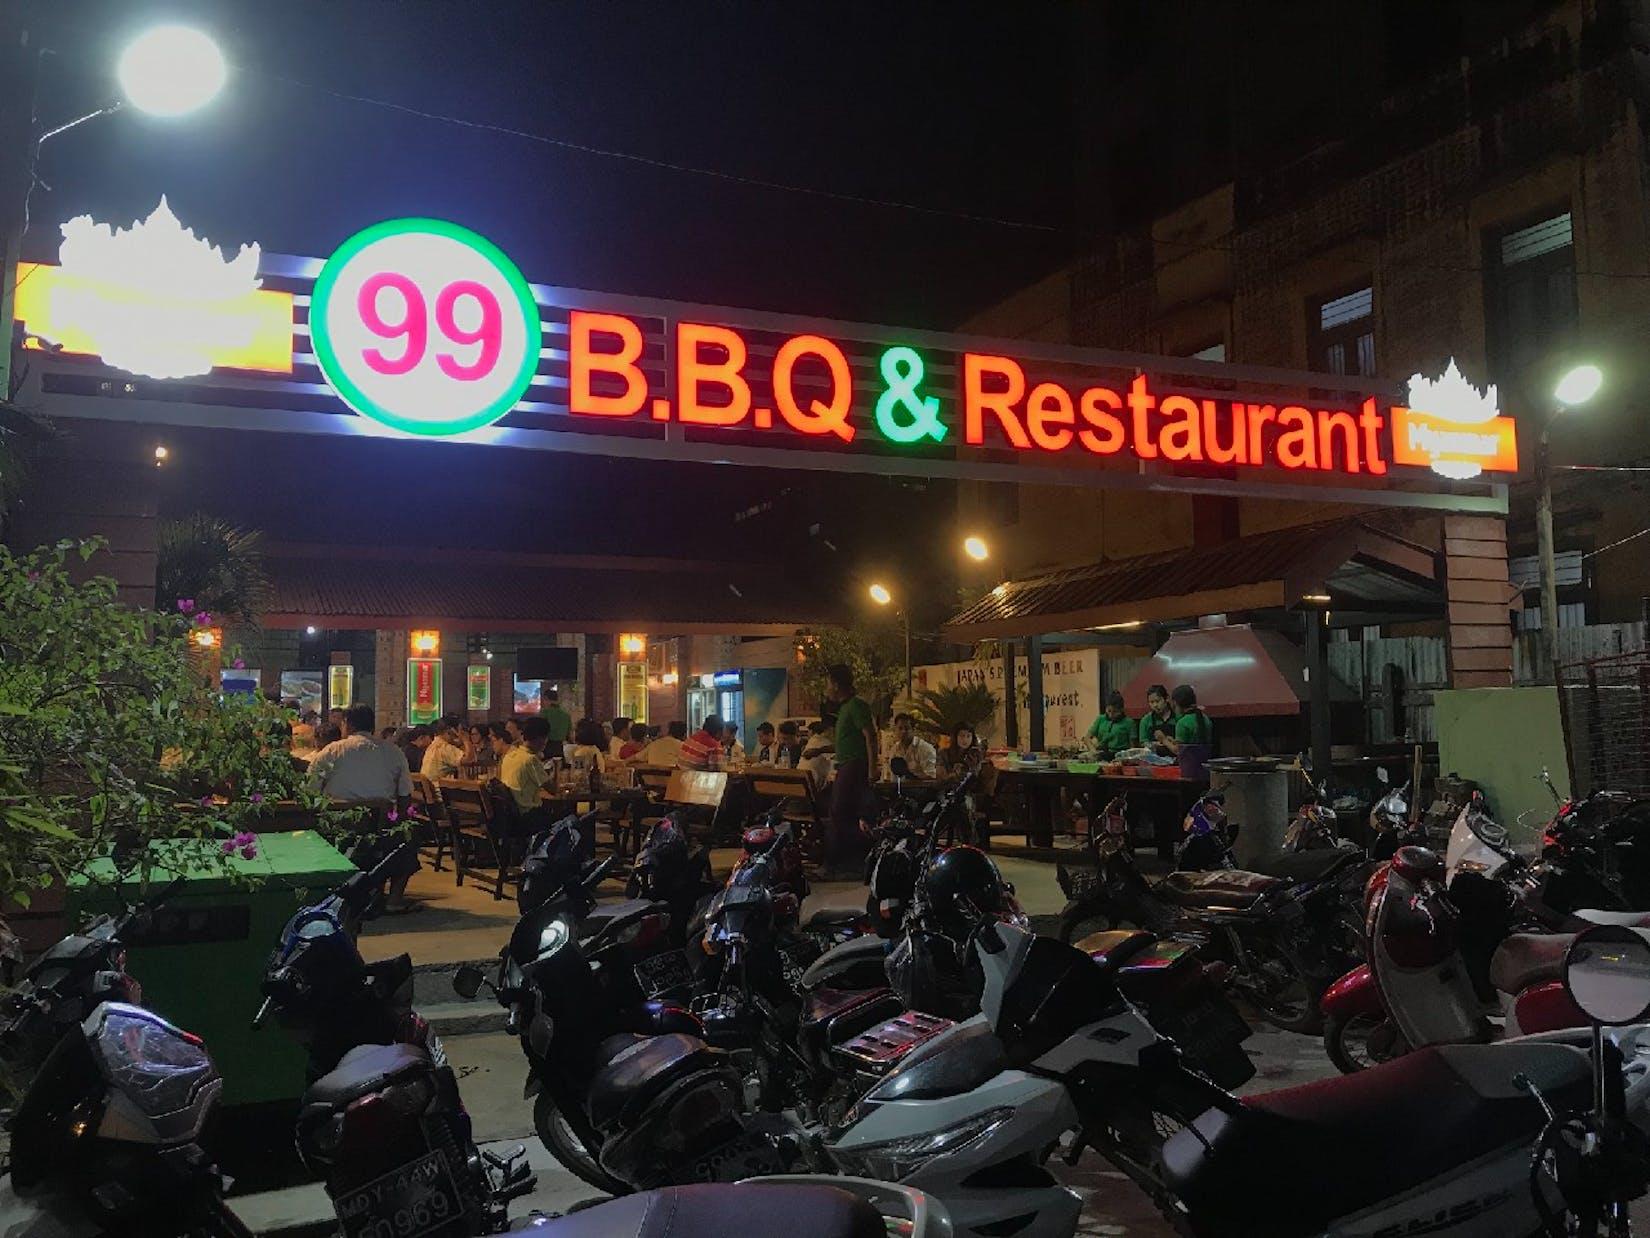 Nine Nine B.B.Q. & Restaurant-(2) | yathar